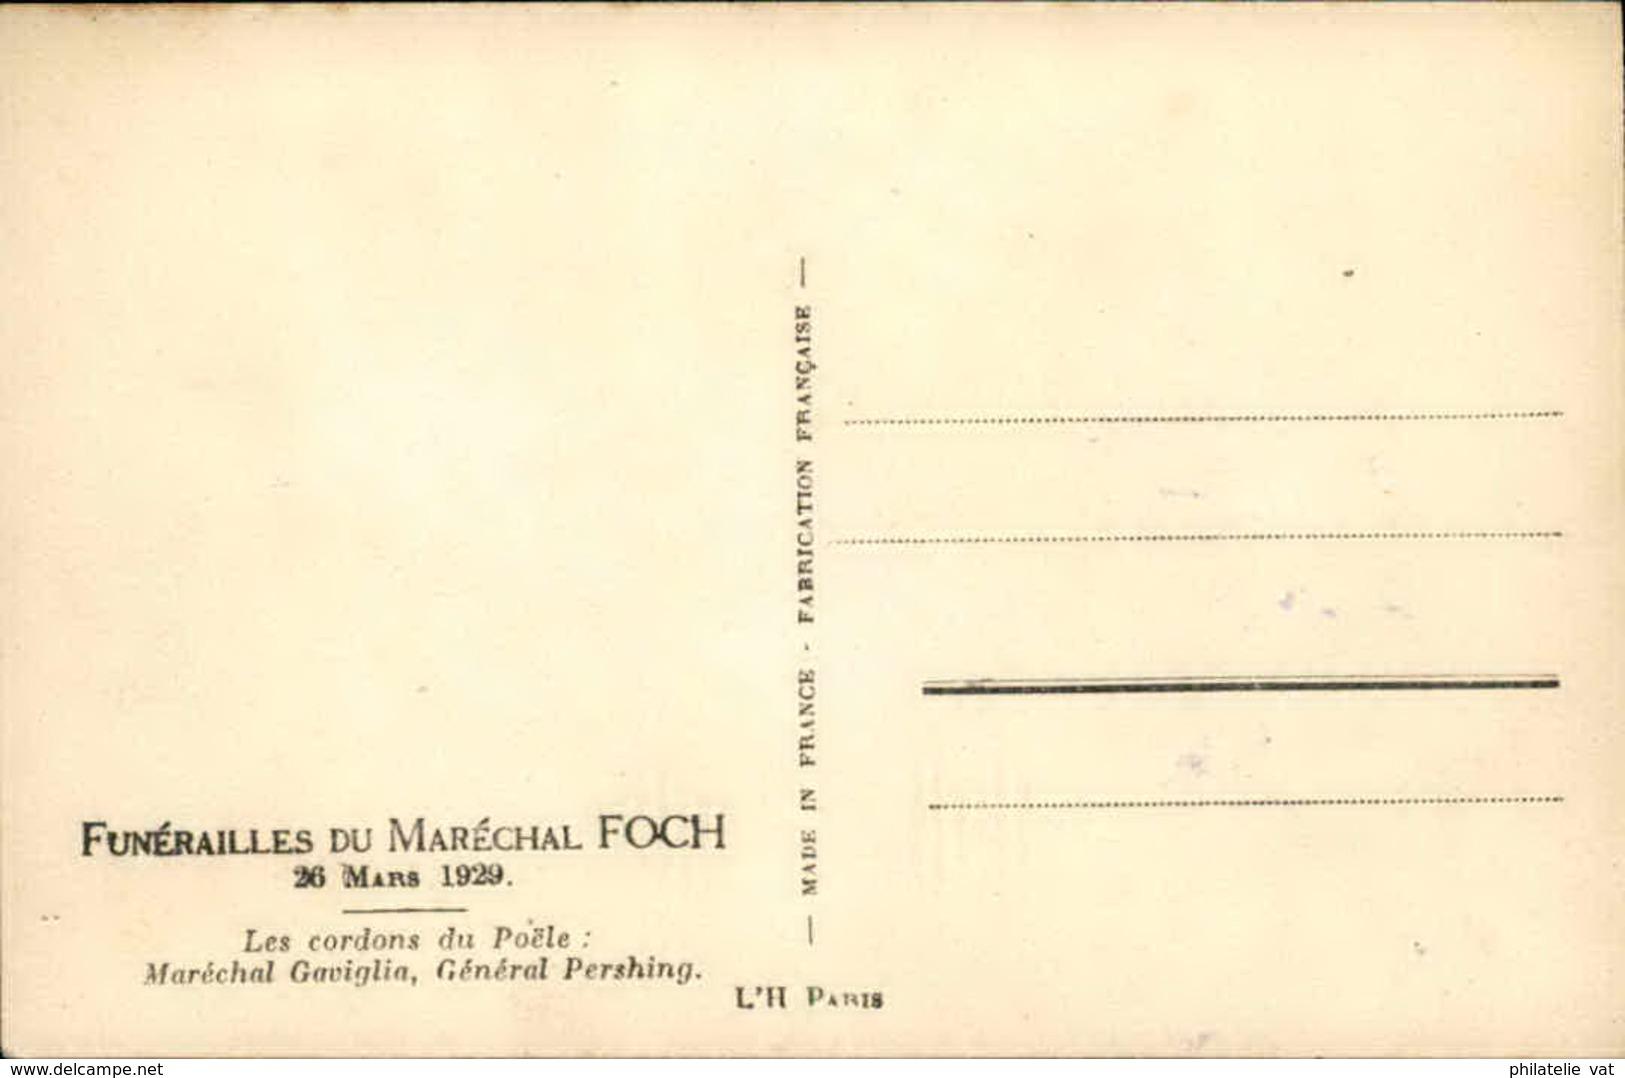 FRANCE - Carte Photo Des Funérailles Du Maréchal FOCH - 26 Mars 1929 - P20959 - Personnages